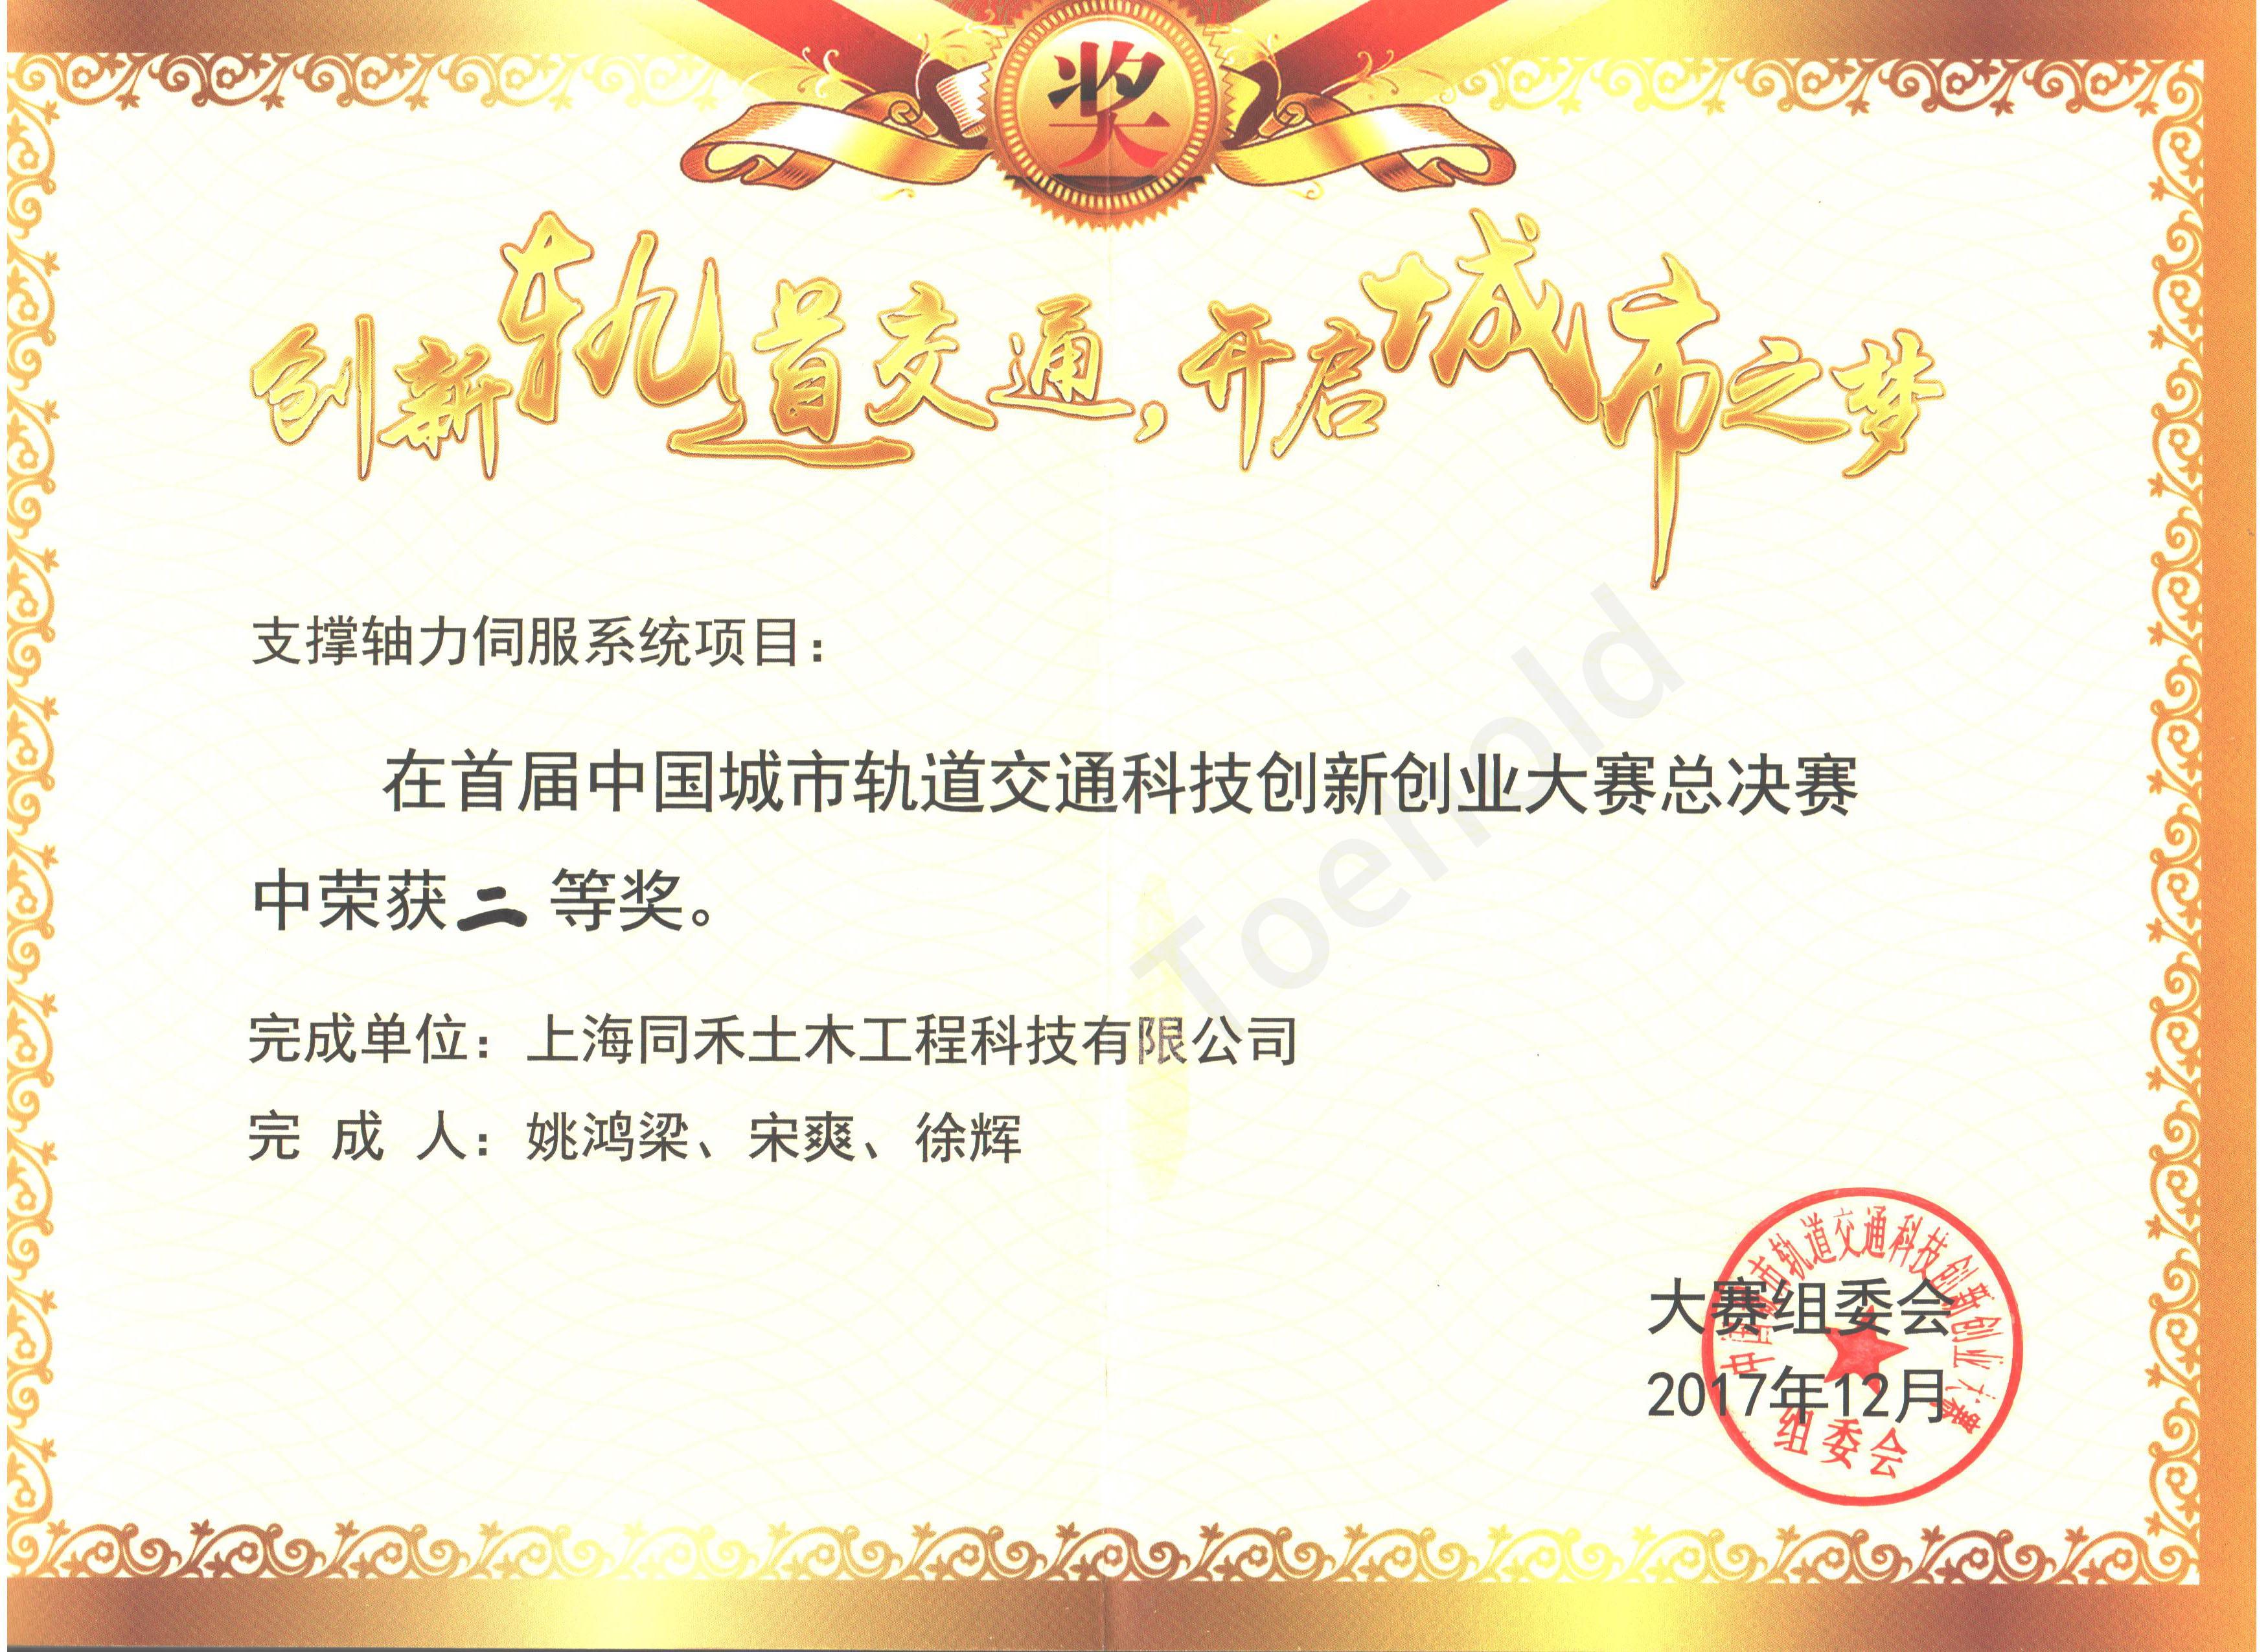 首屆中國城市軌道交通科技創新創業大賽總決賽二等獎